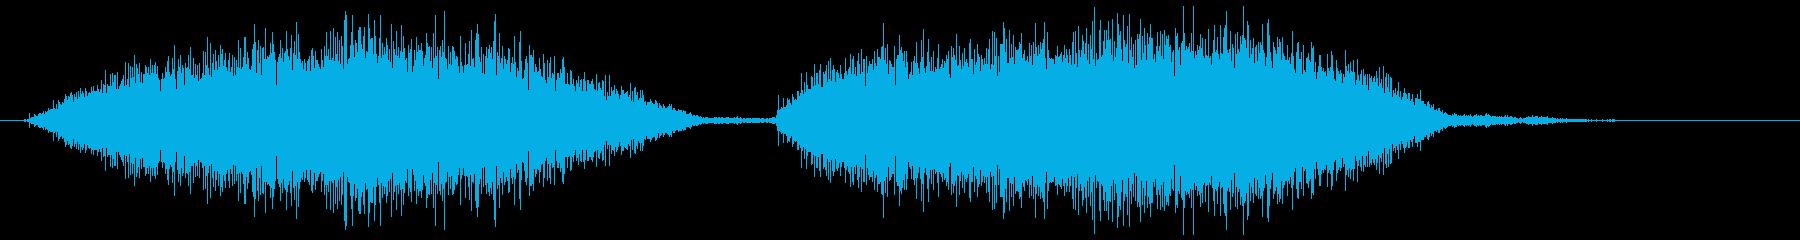 ベルトを通す(シューシュー)の再生済みの波形